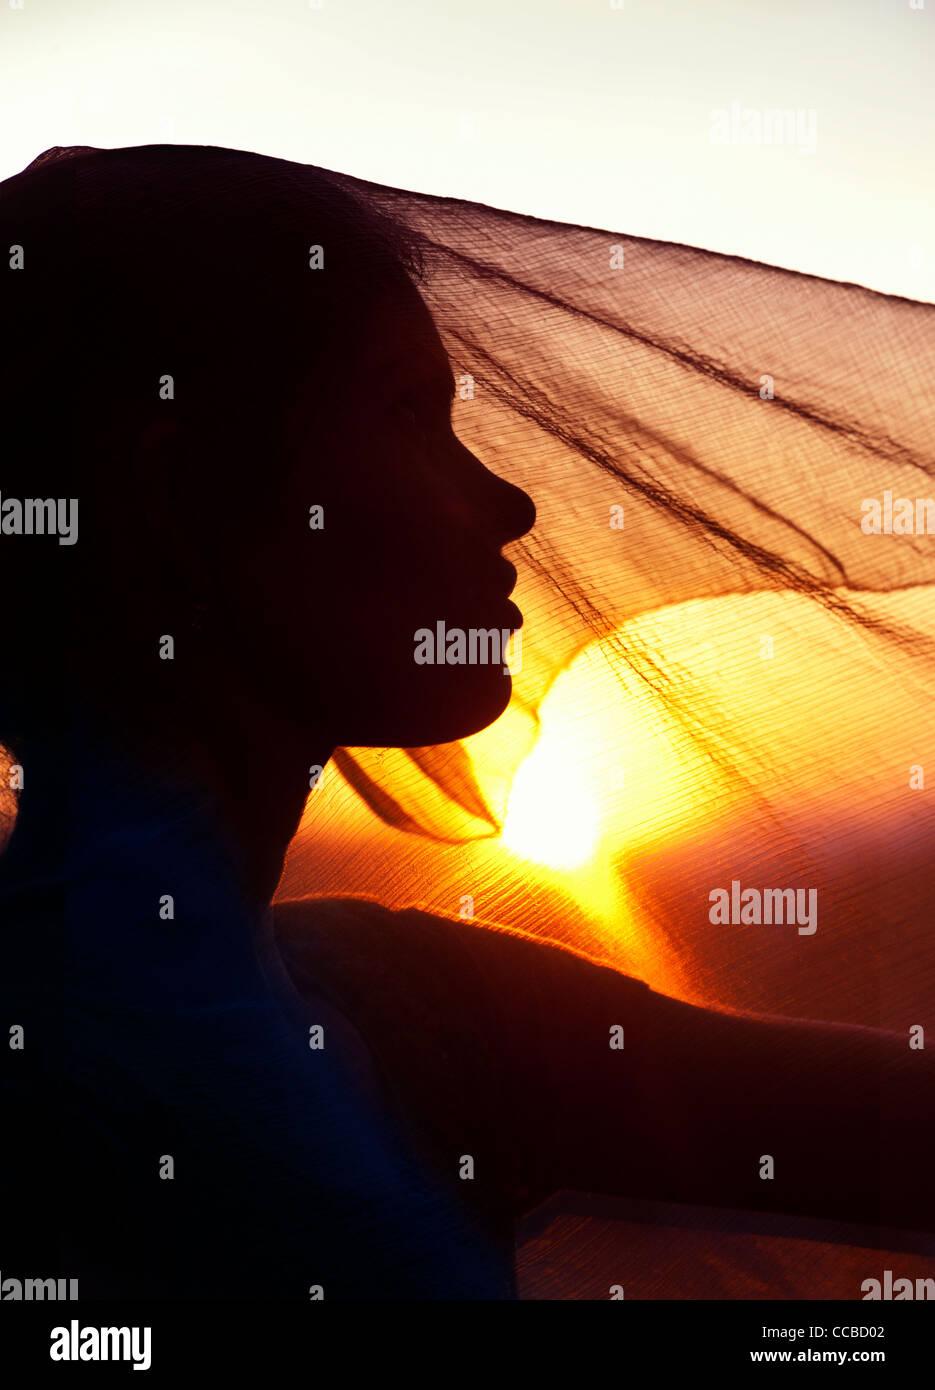 Ragazza indiana e il velo al tramonto. Silhouette. Andhra Pradesh, India Foto Stock